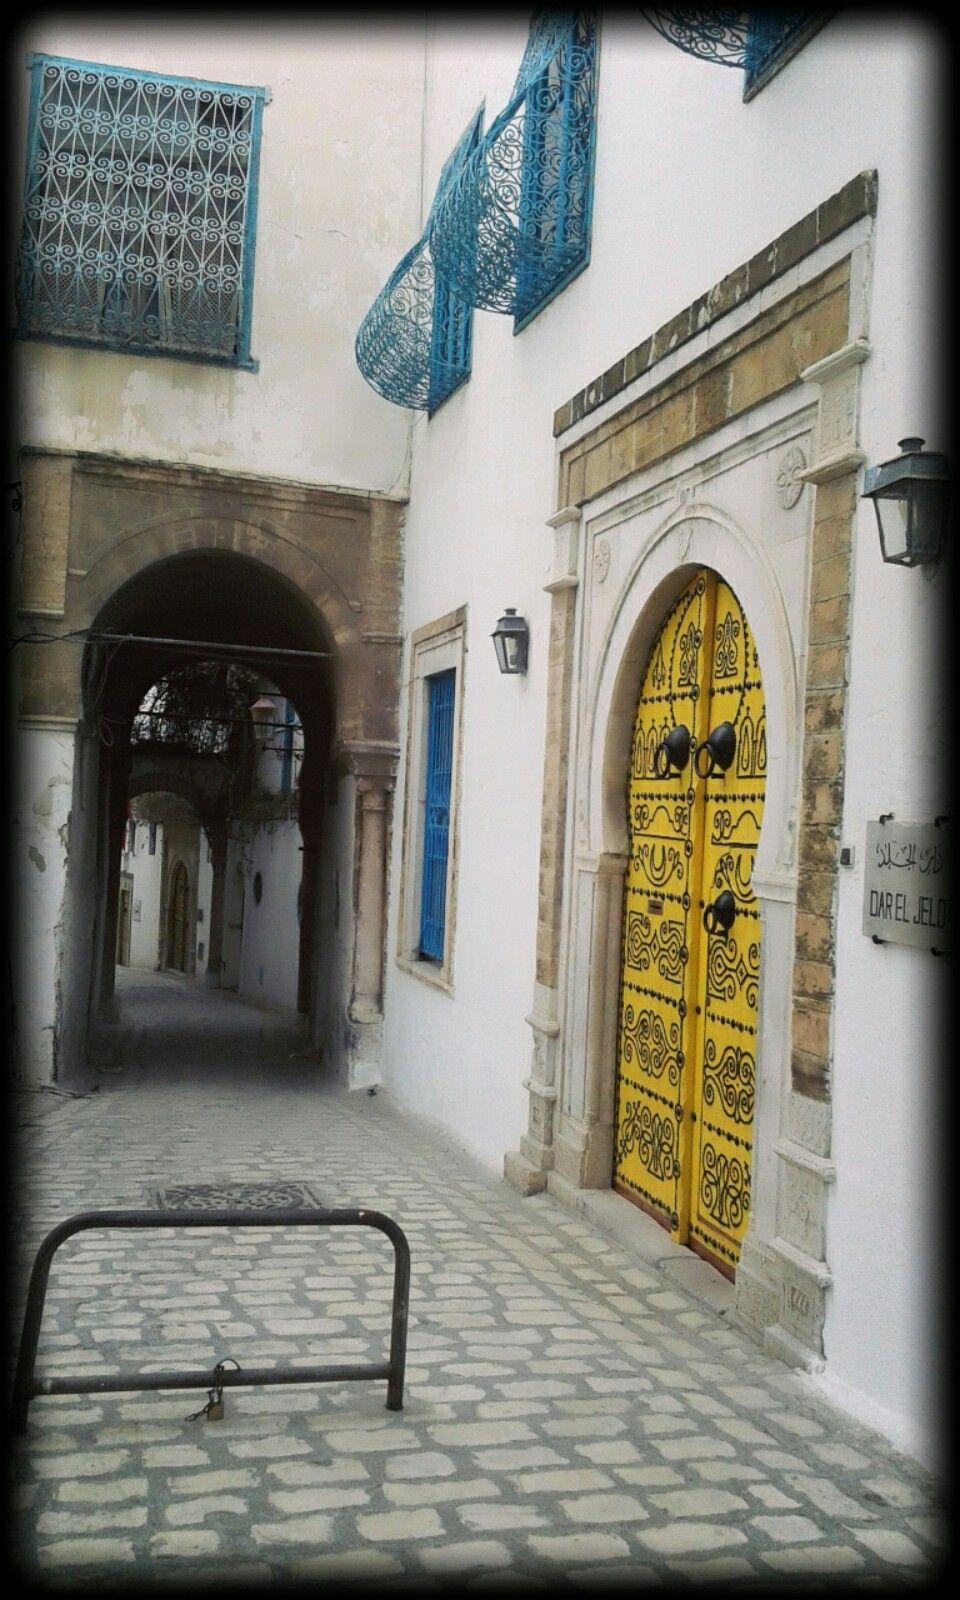 مطعم دار الجلد المدينة العتيقة تونس Road Structures Alley